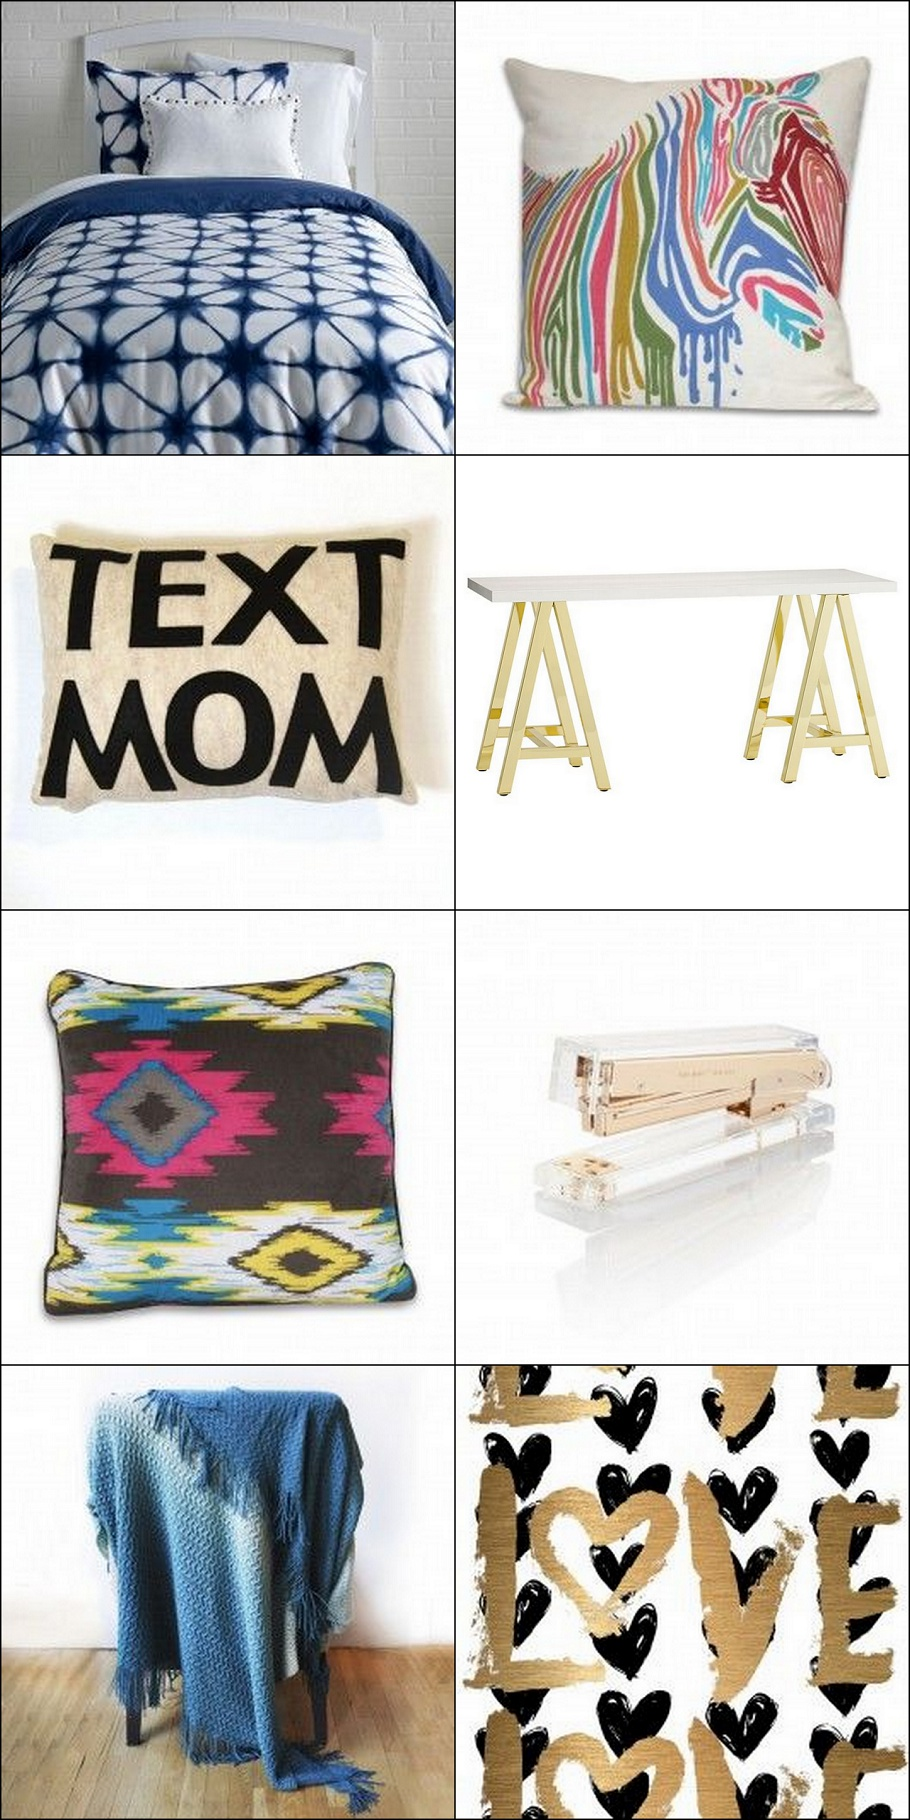 Dorm Room - Her